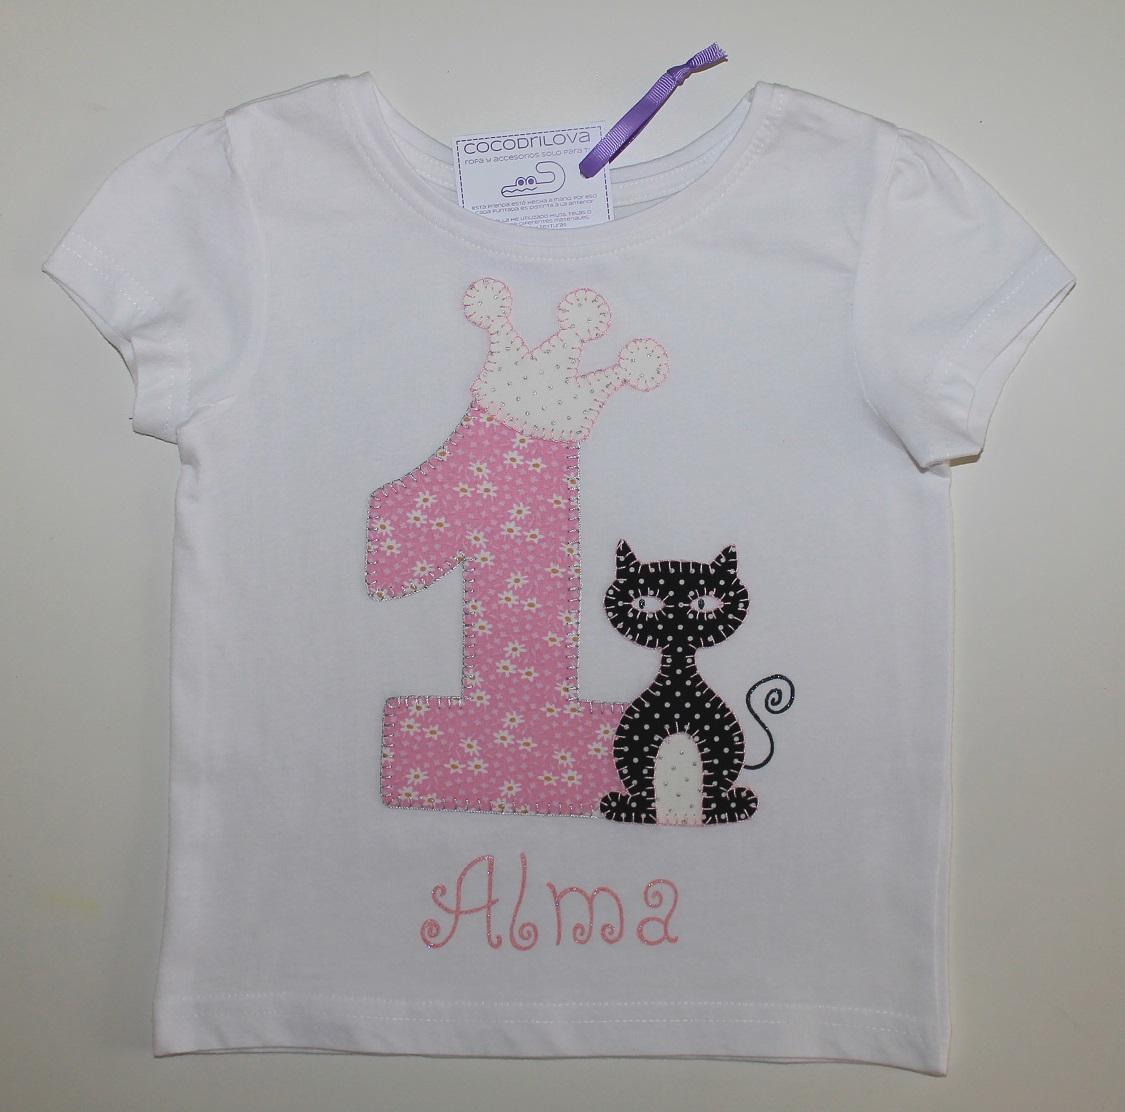 Cocodrilova Camiseta Cumpleanos 1 Ano Gato Negro